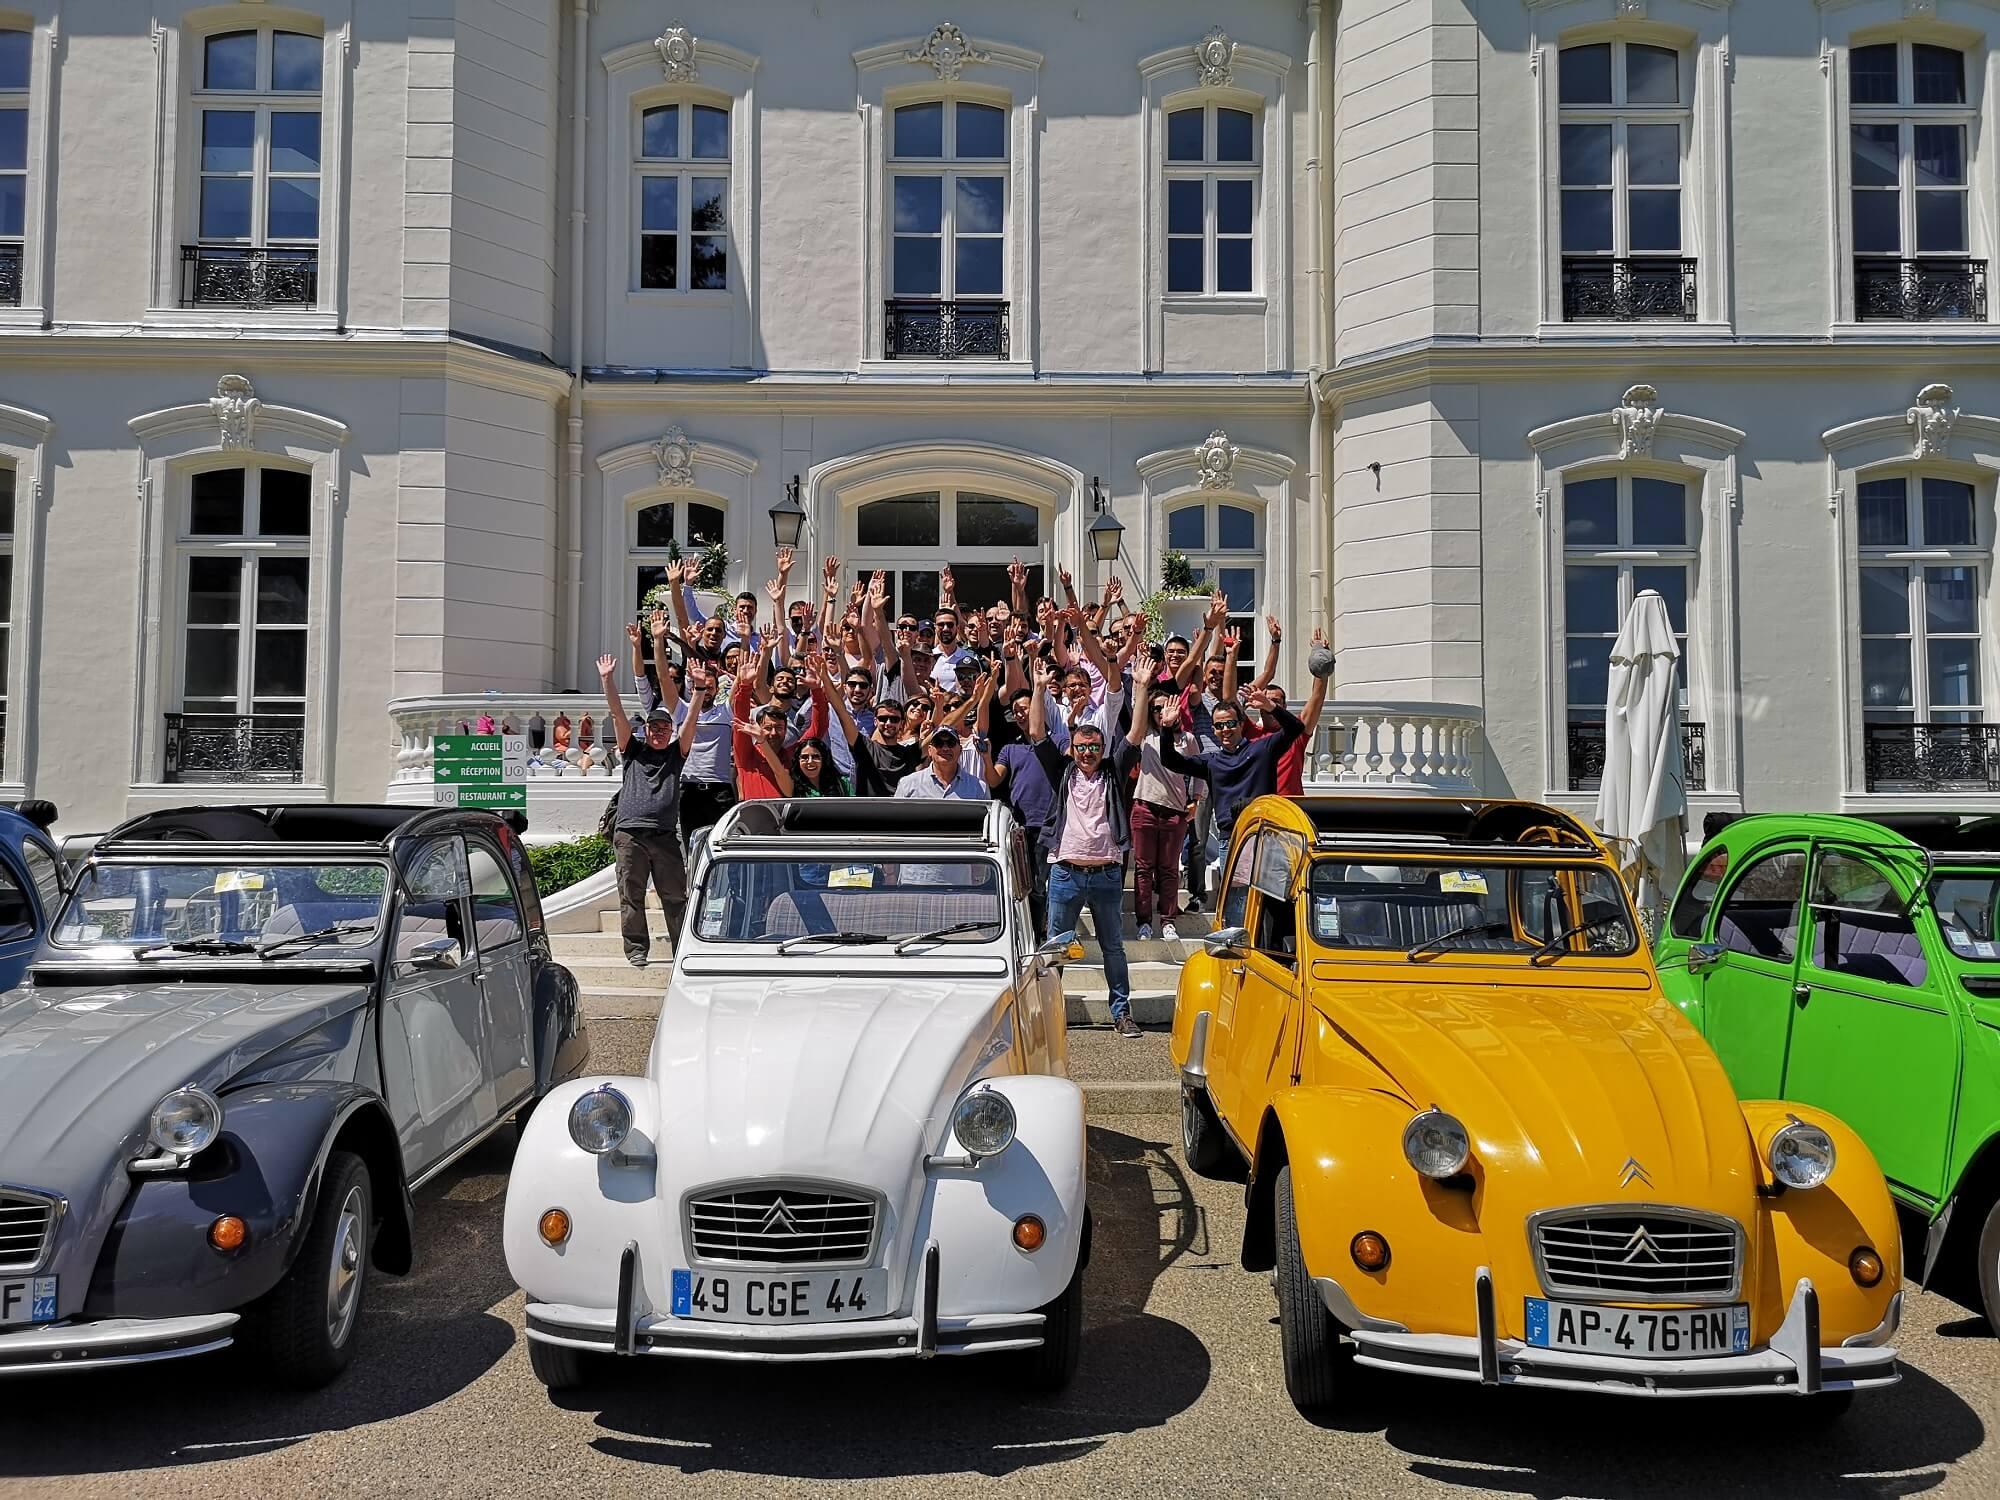 OBH EVENEMENT Séminaire et team Building La Baule Vannes Rennes Nantes DInard Sainr Malo